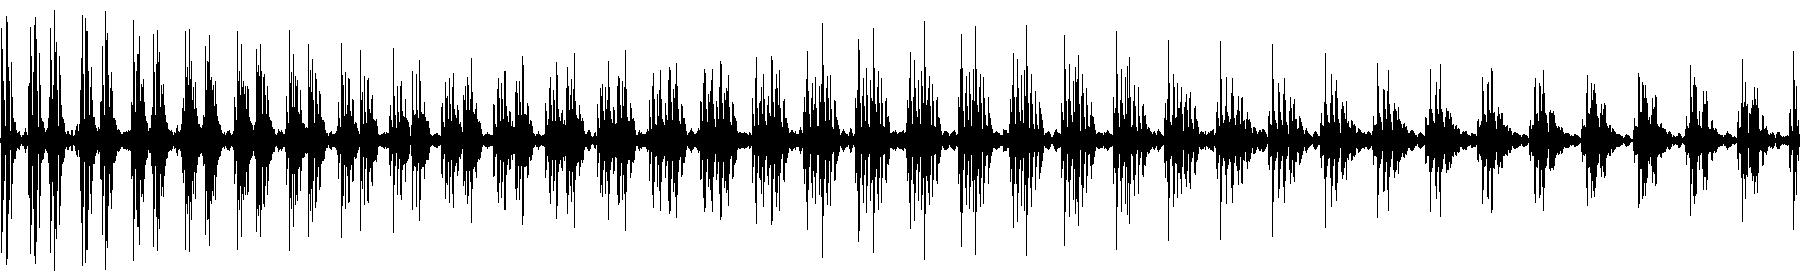 veh2 synths   034 c